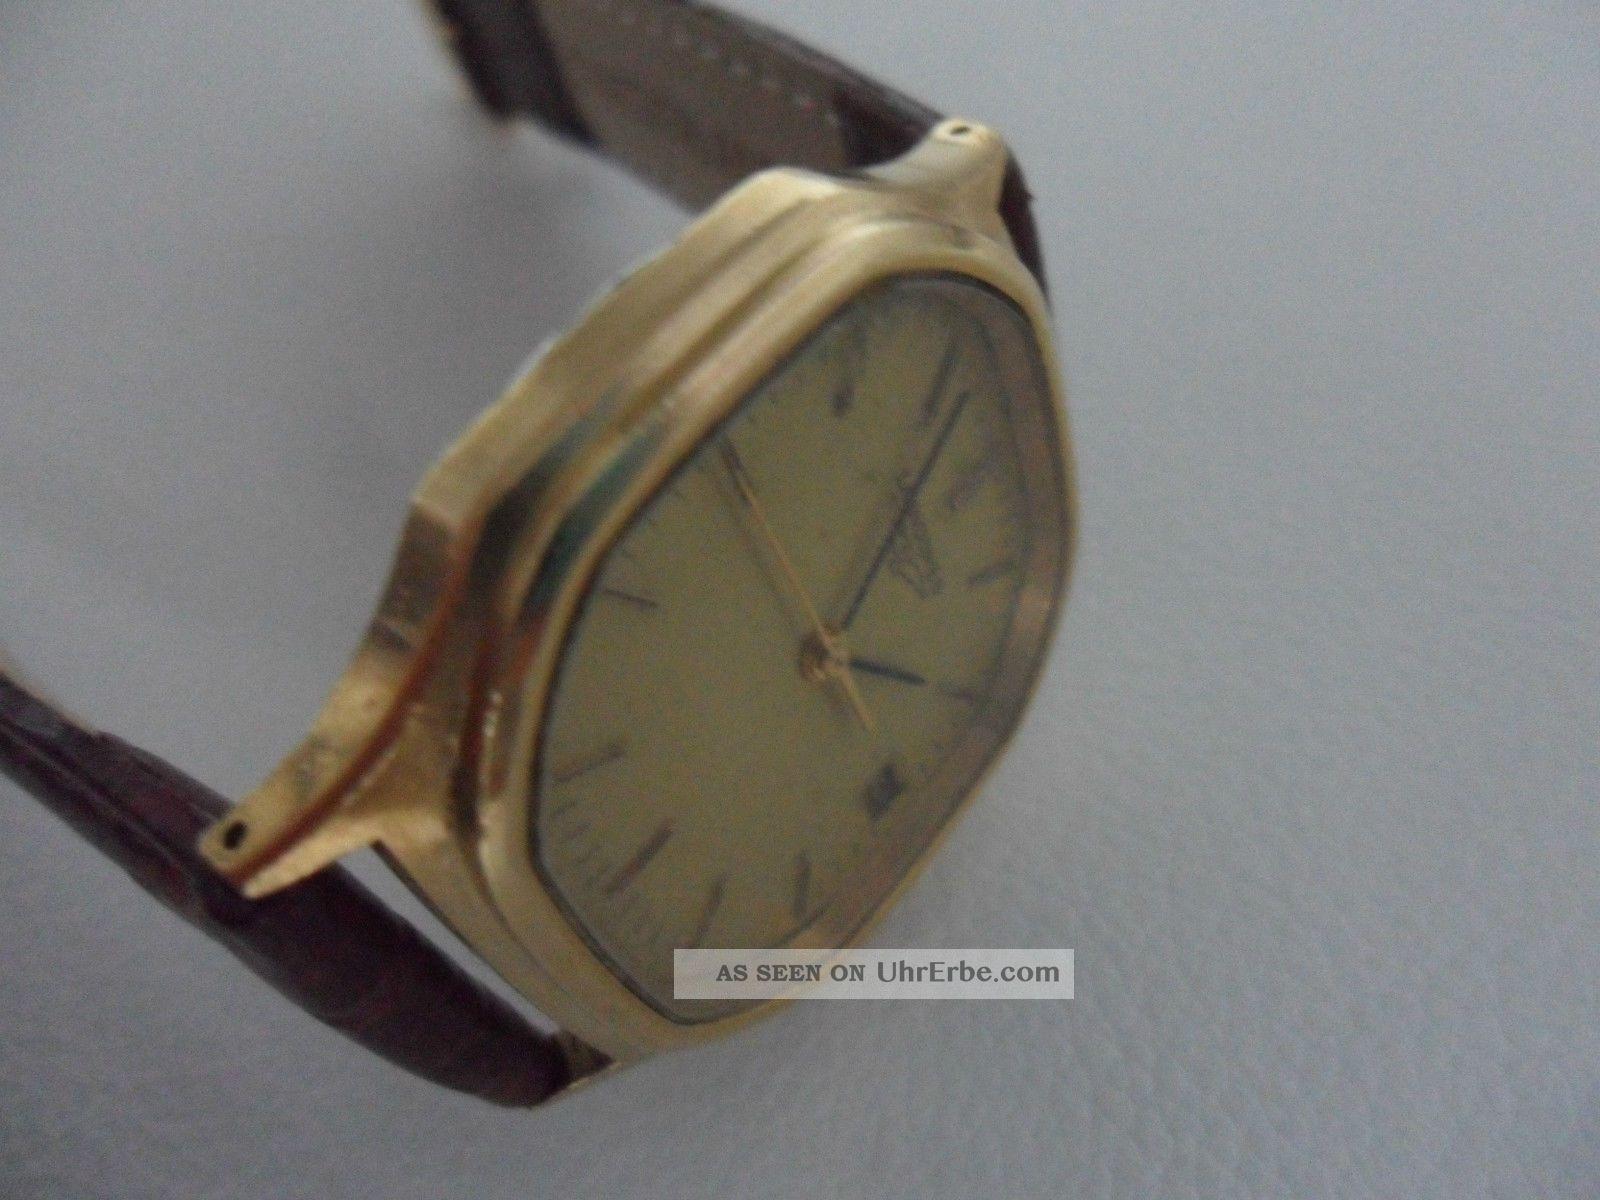 Longines Herrenuhr Armbanduhren Bild